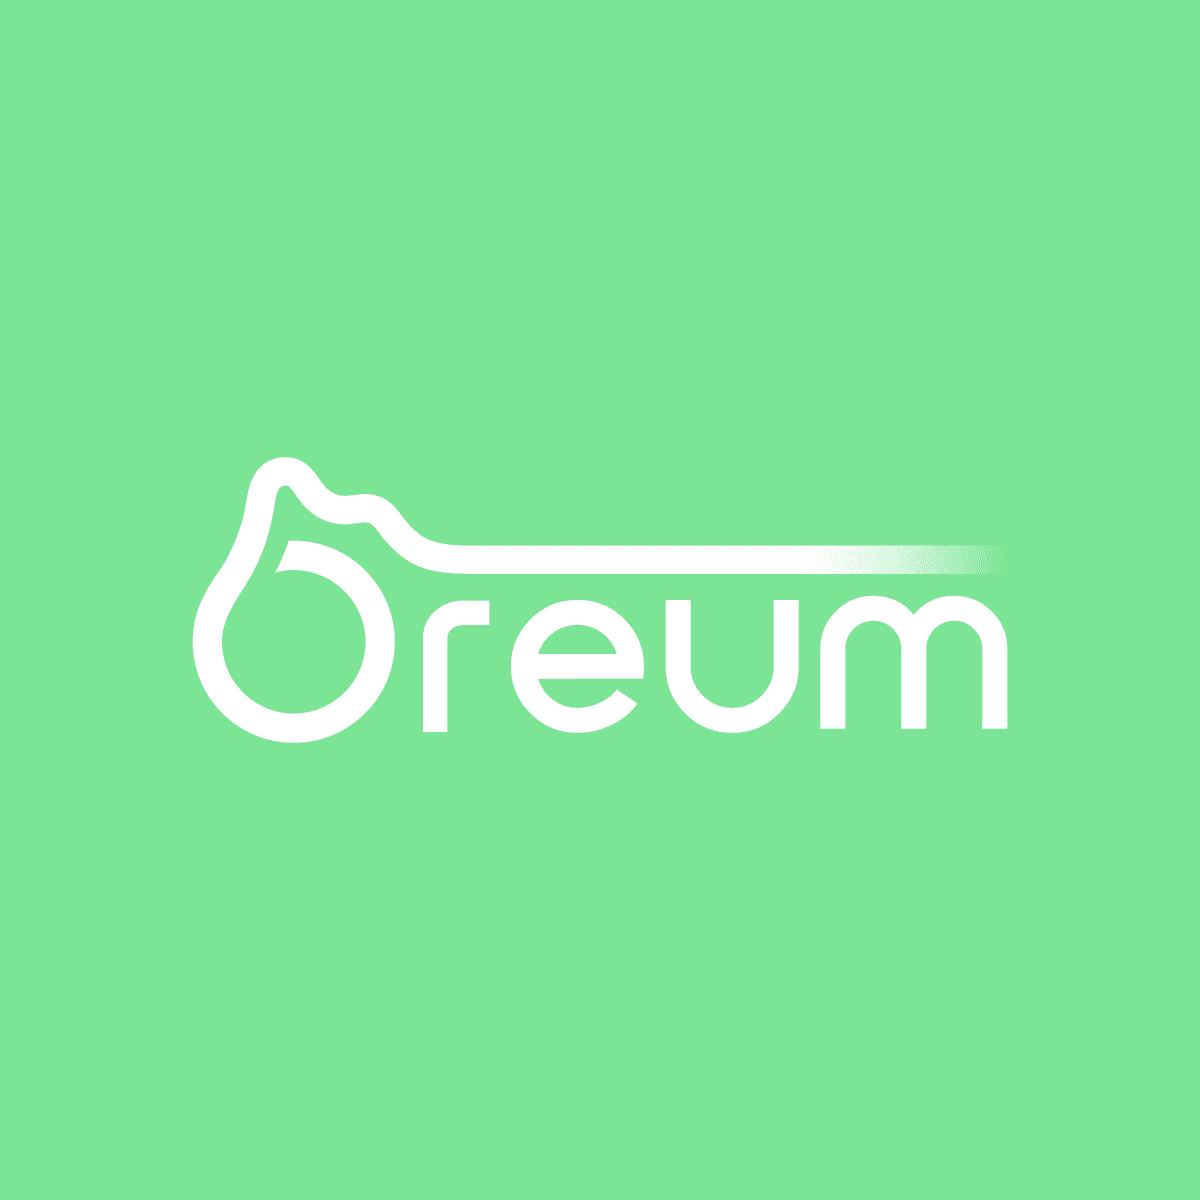 The Oreum의 썸네일